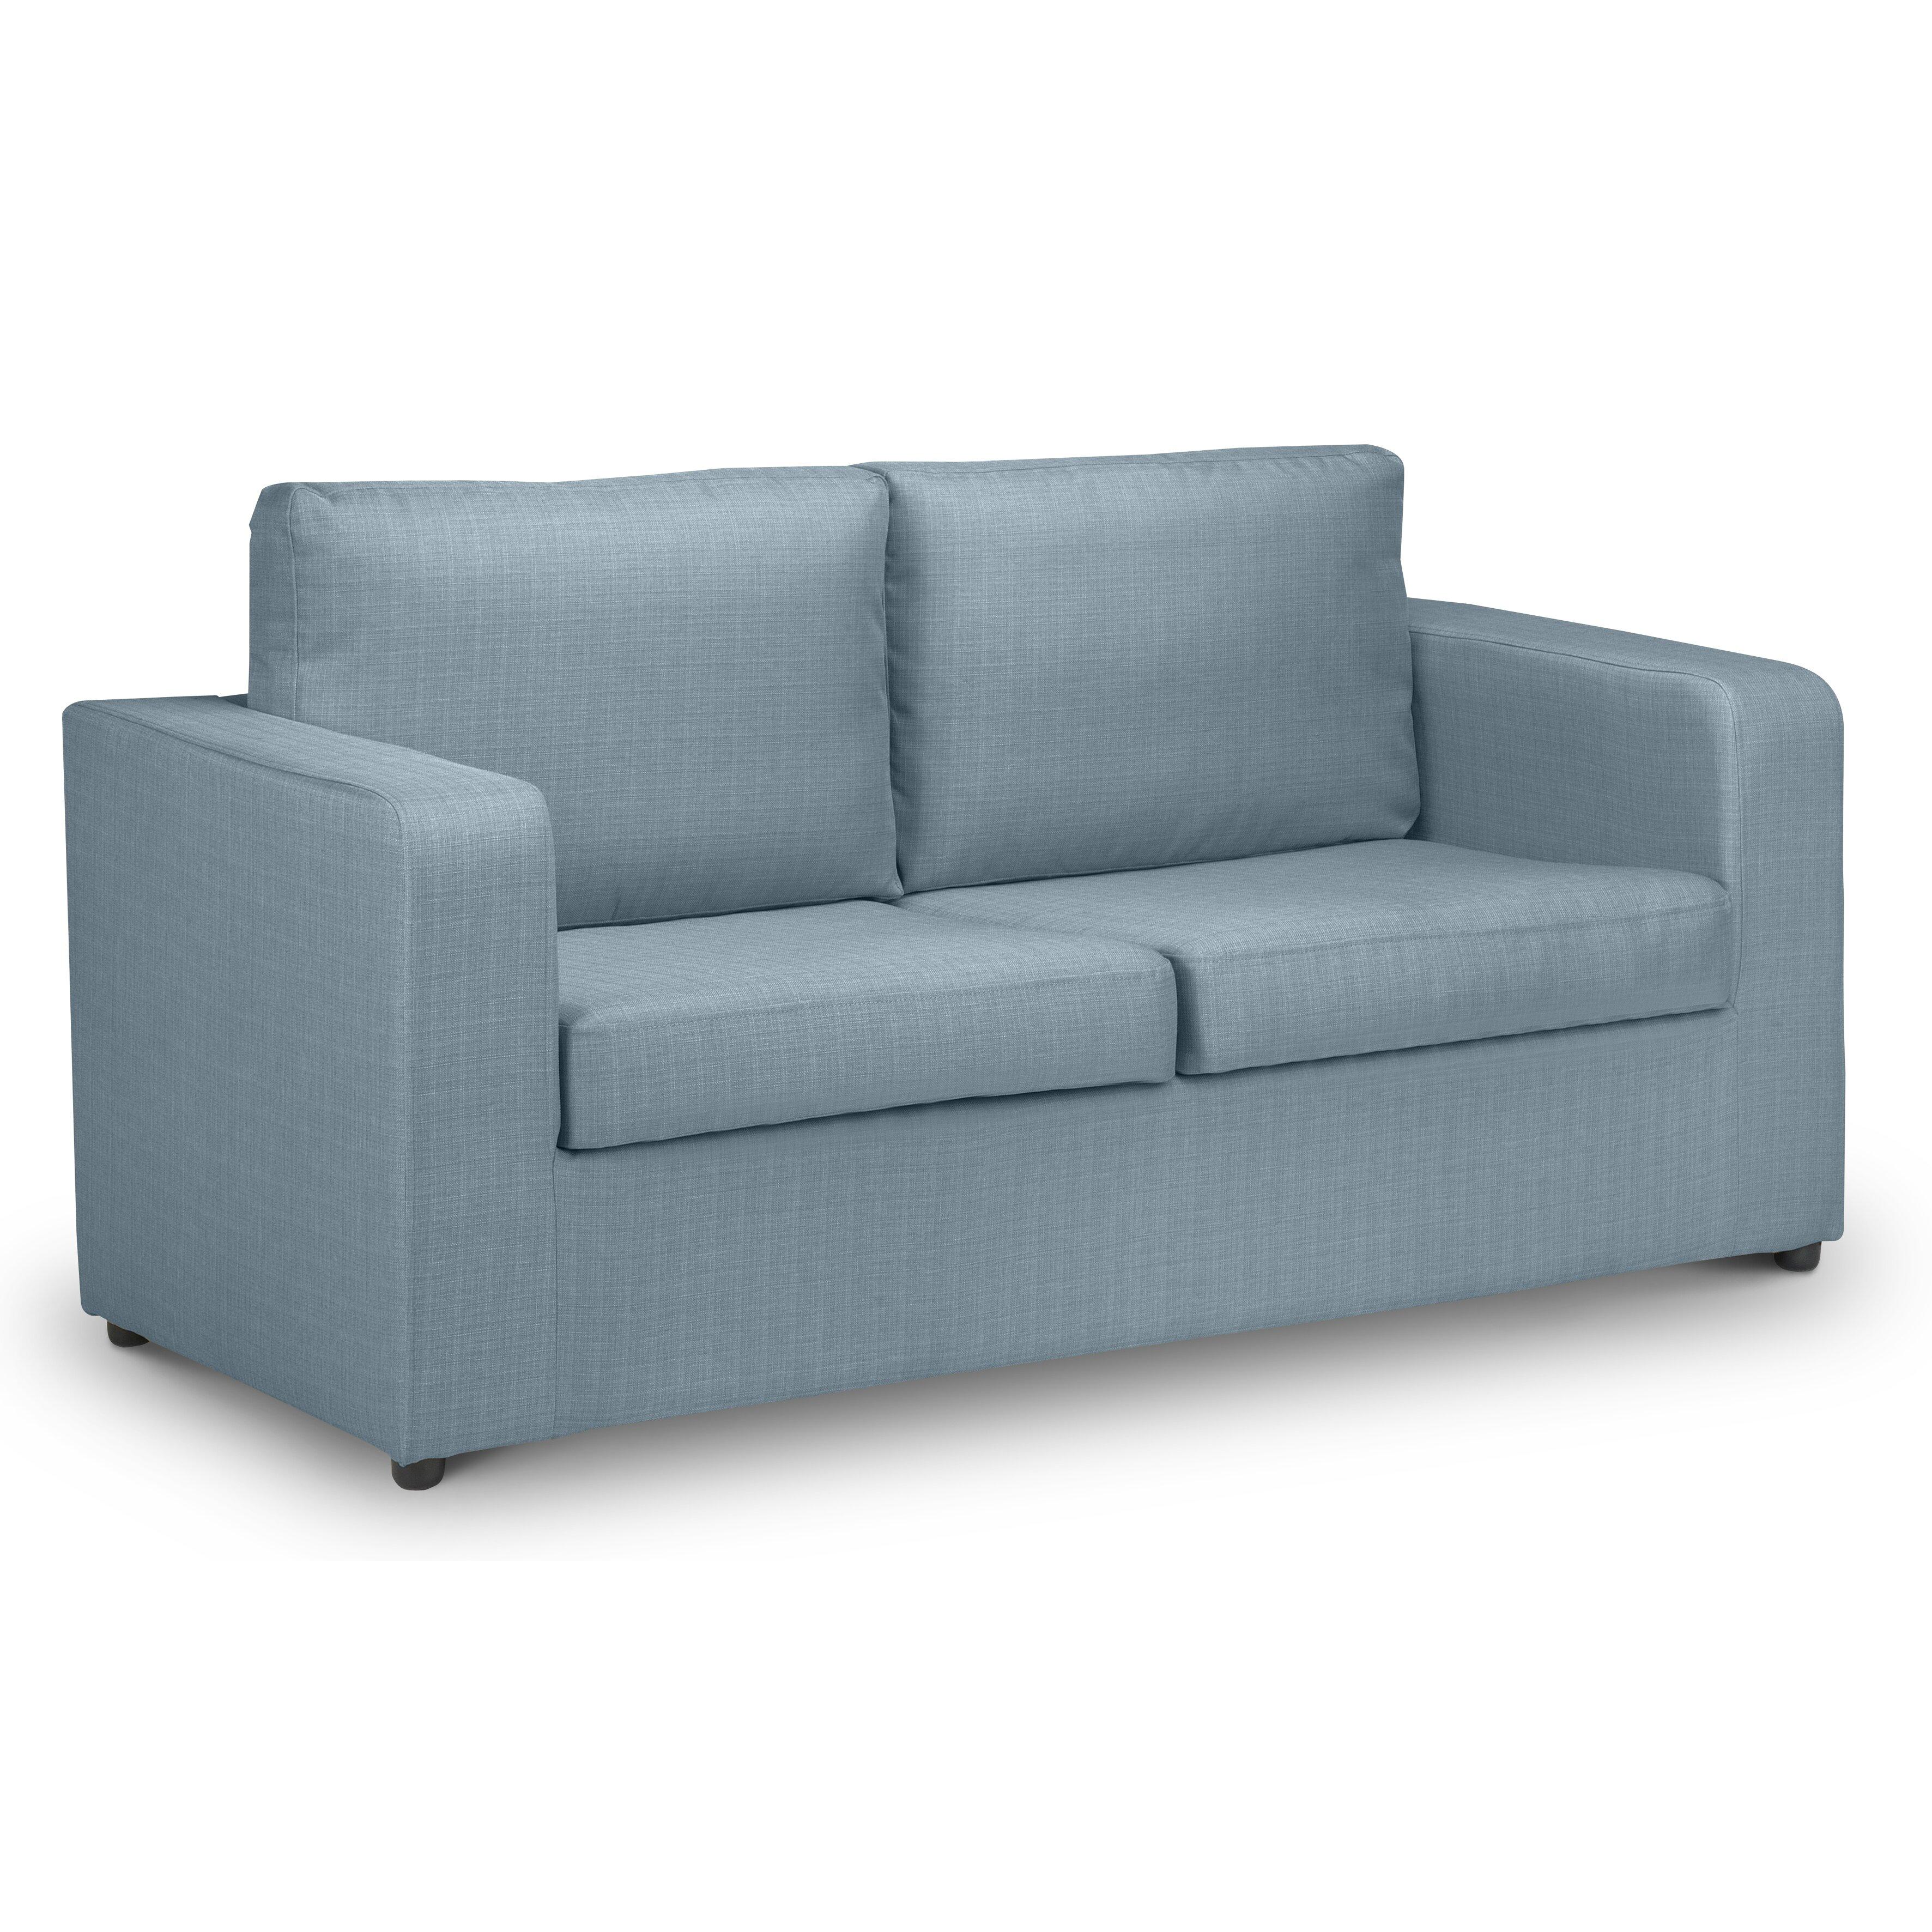 Most Comfortable Sofa Bed Uk 2017 Refil Sofa